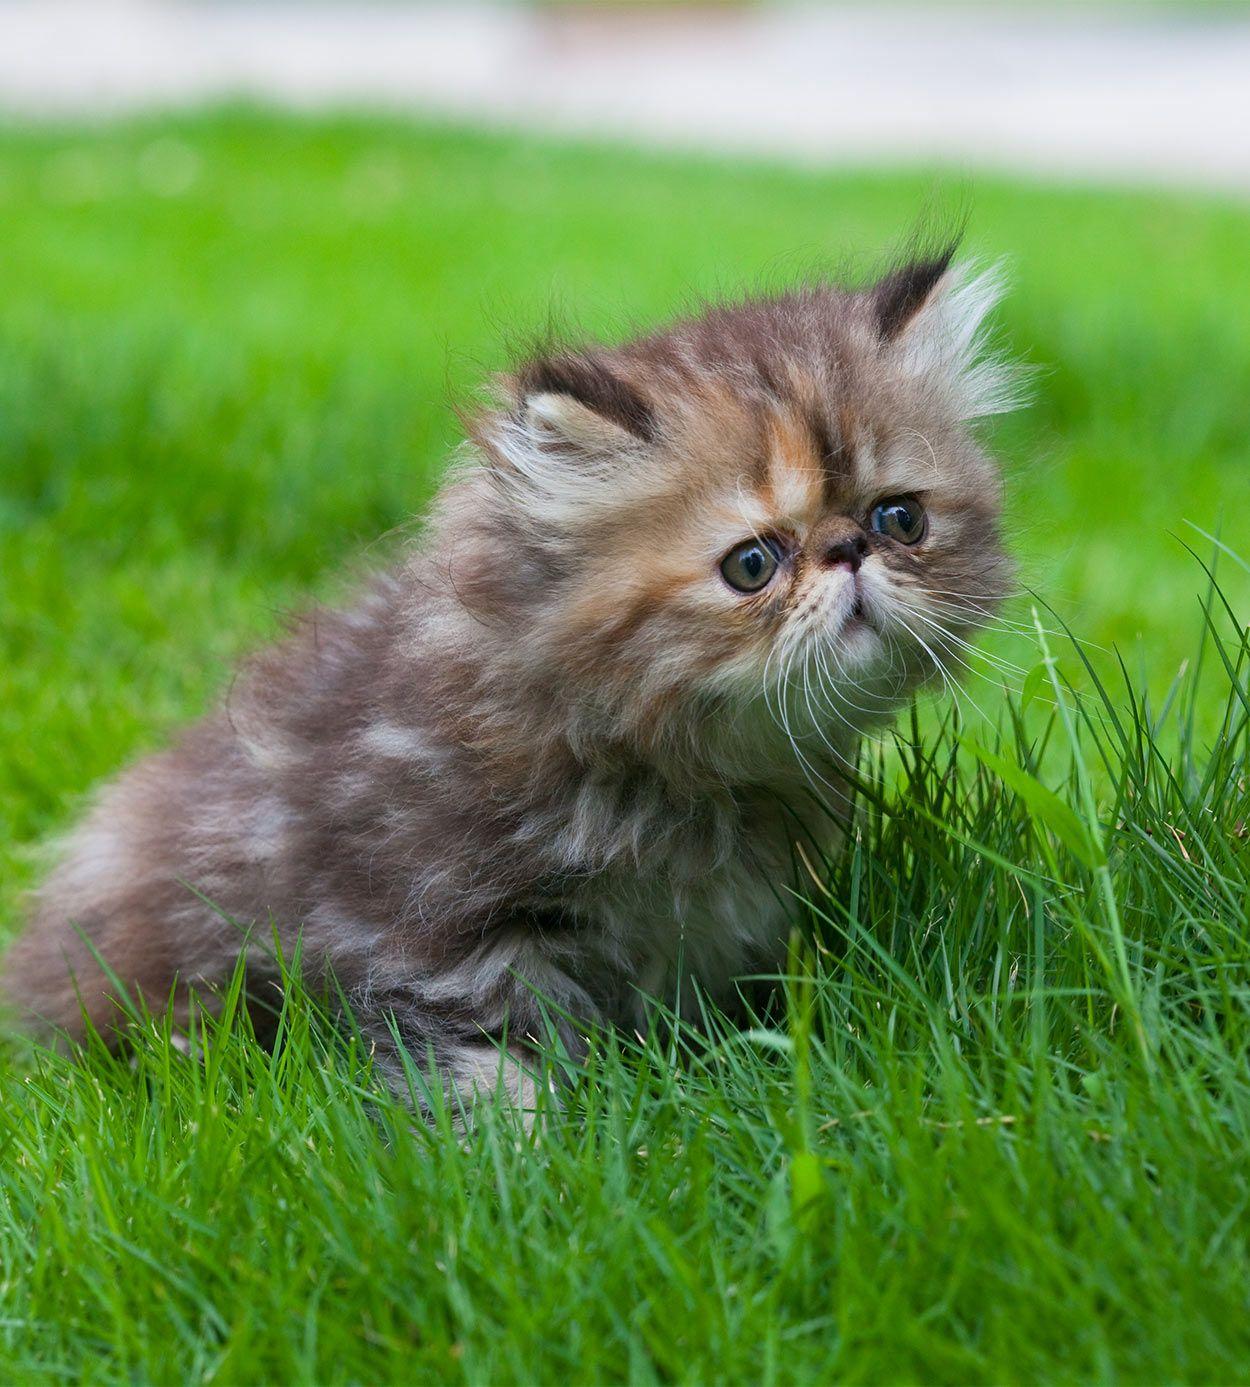 Persian Cat Names Over 200 Ideas! Cat noises